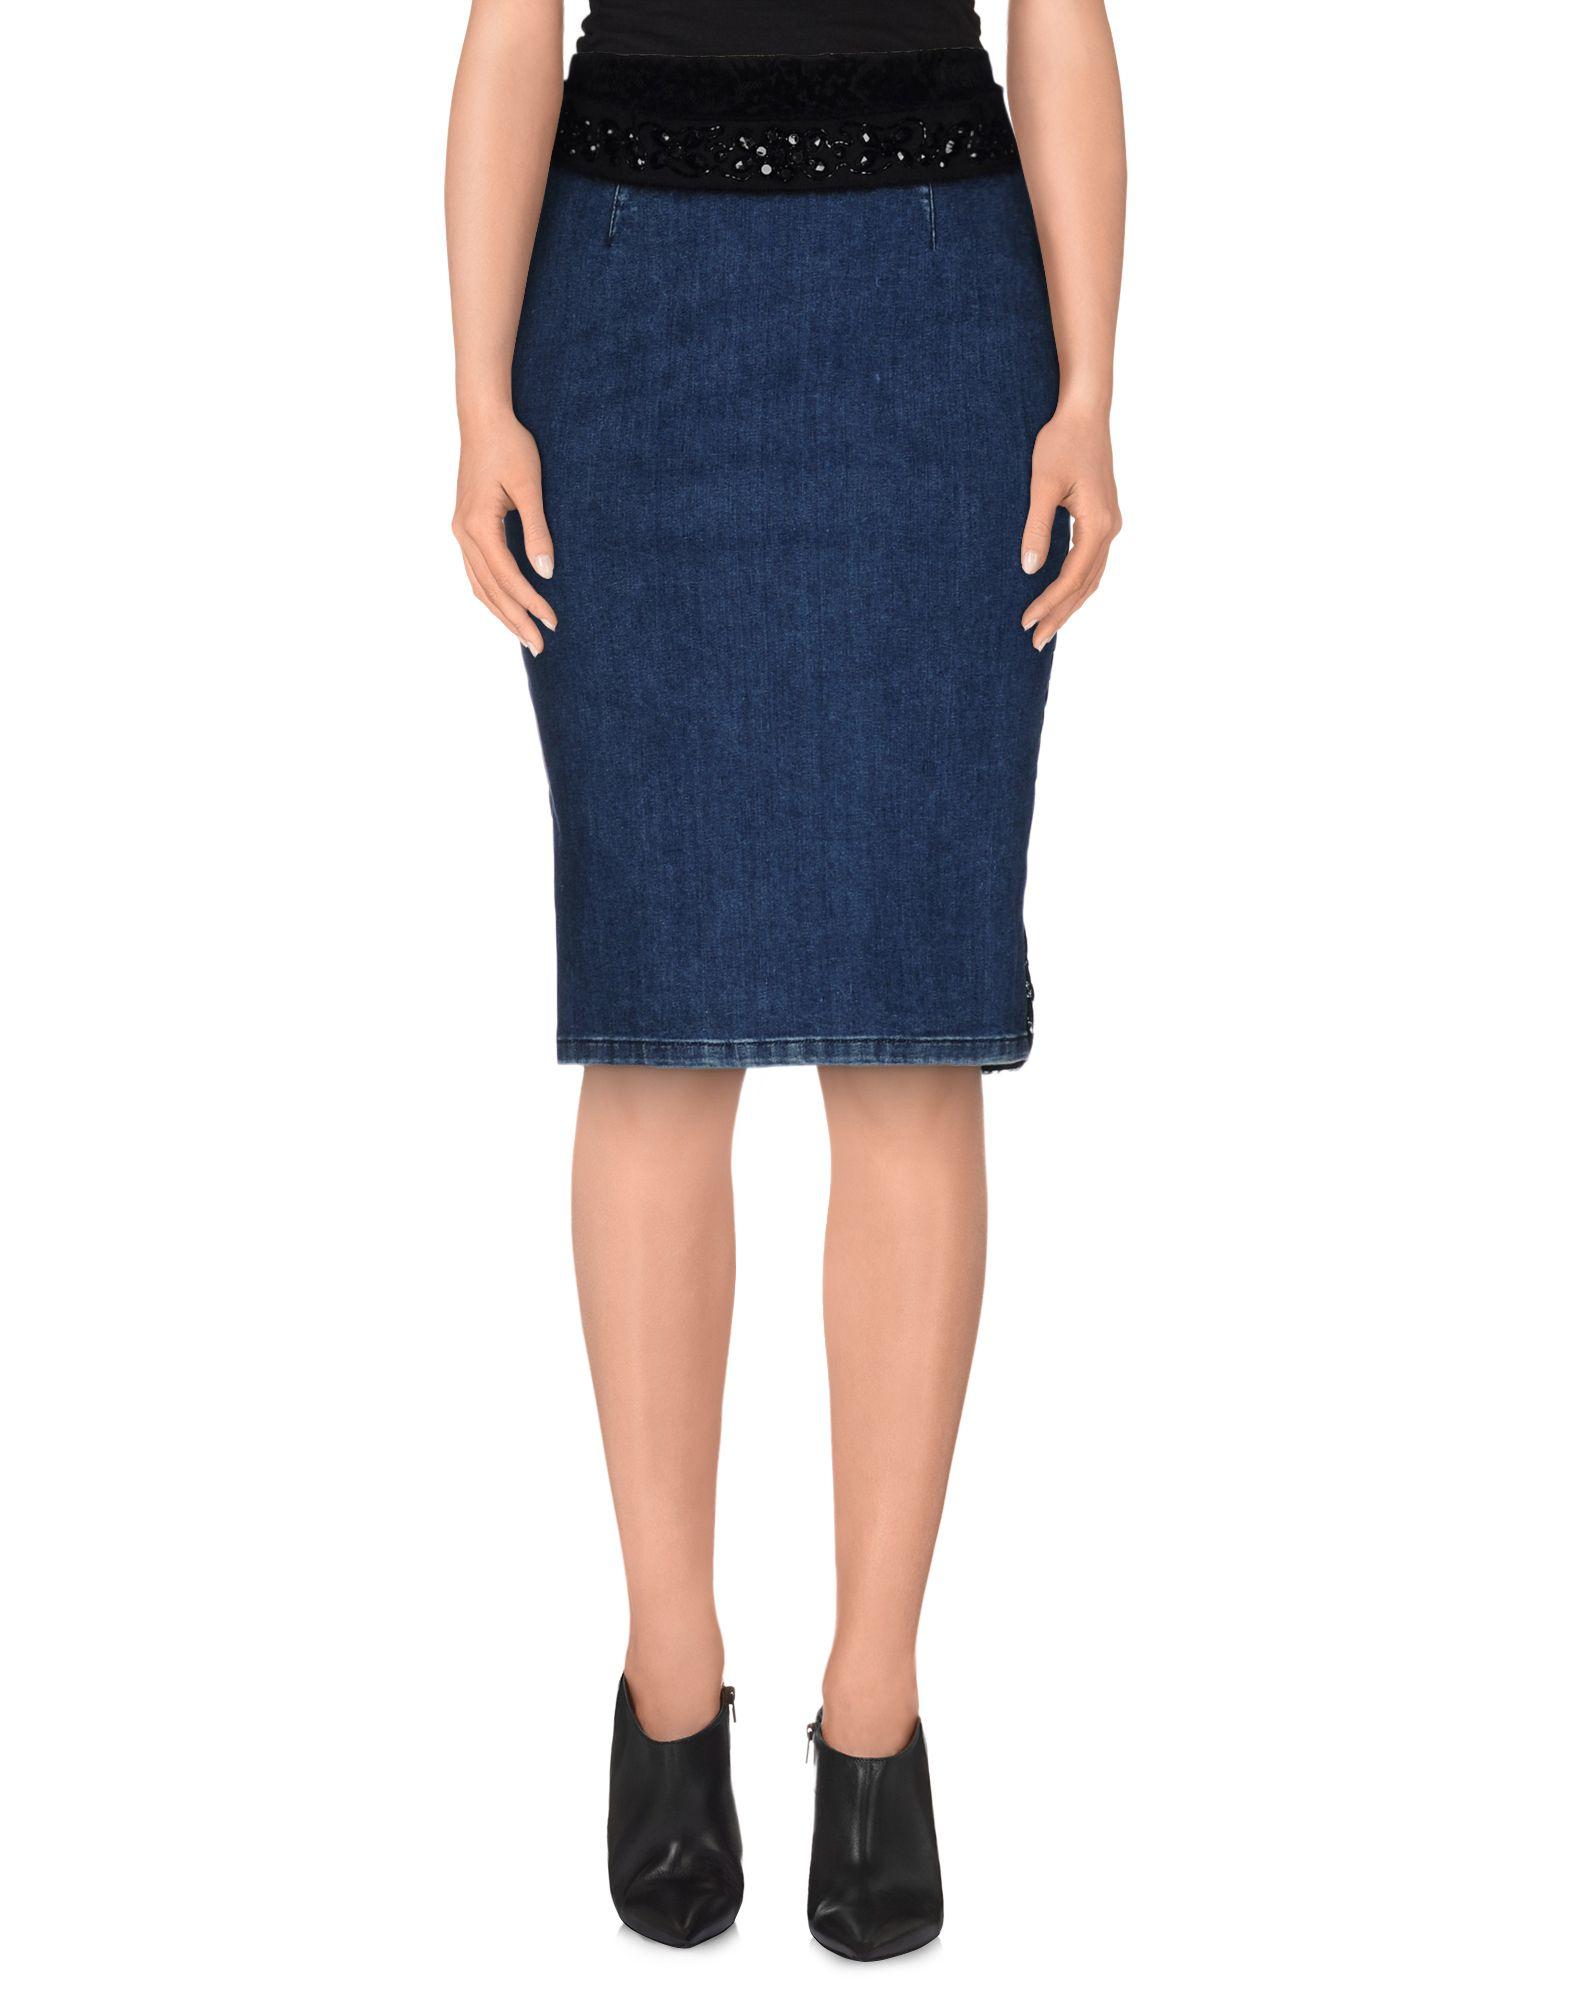 set denim skirt in blue